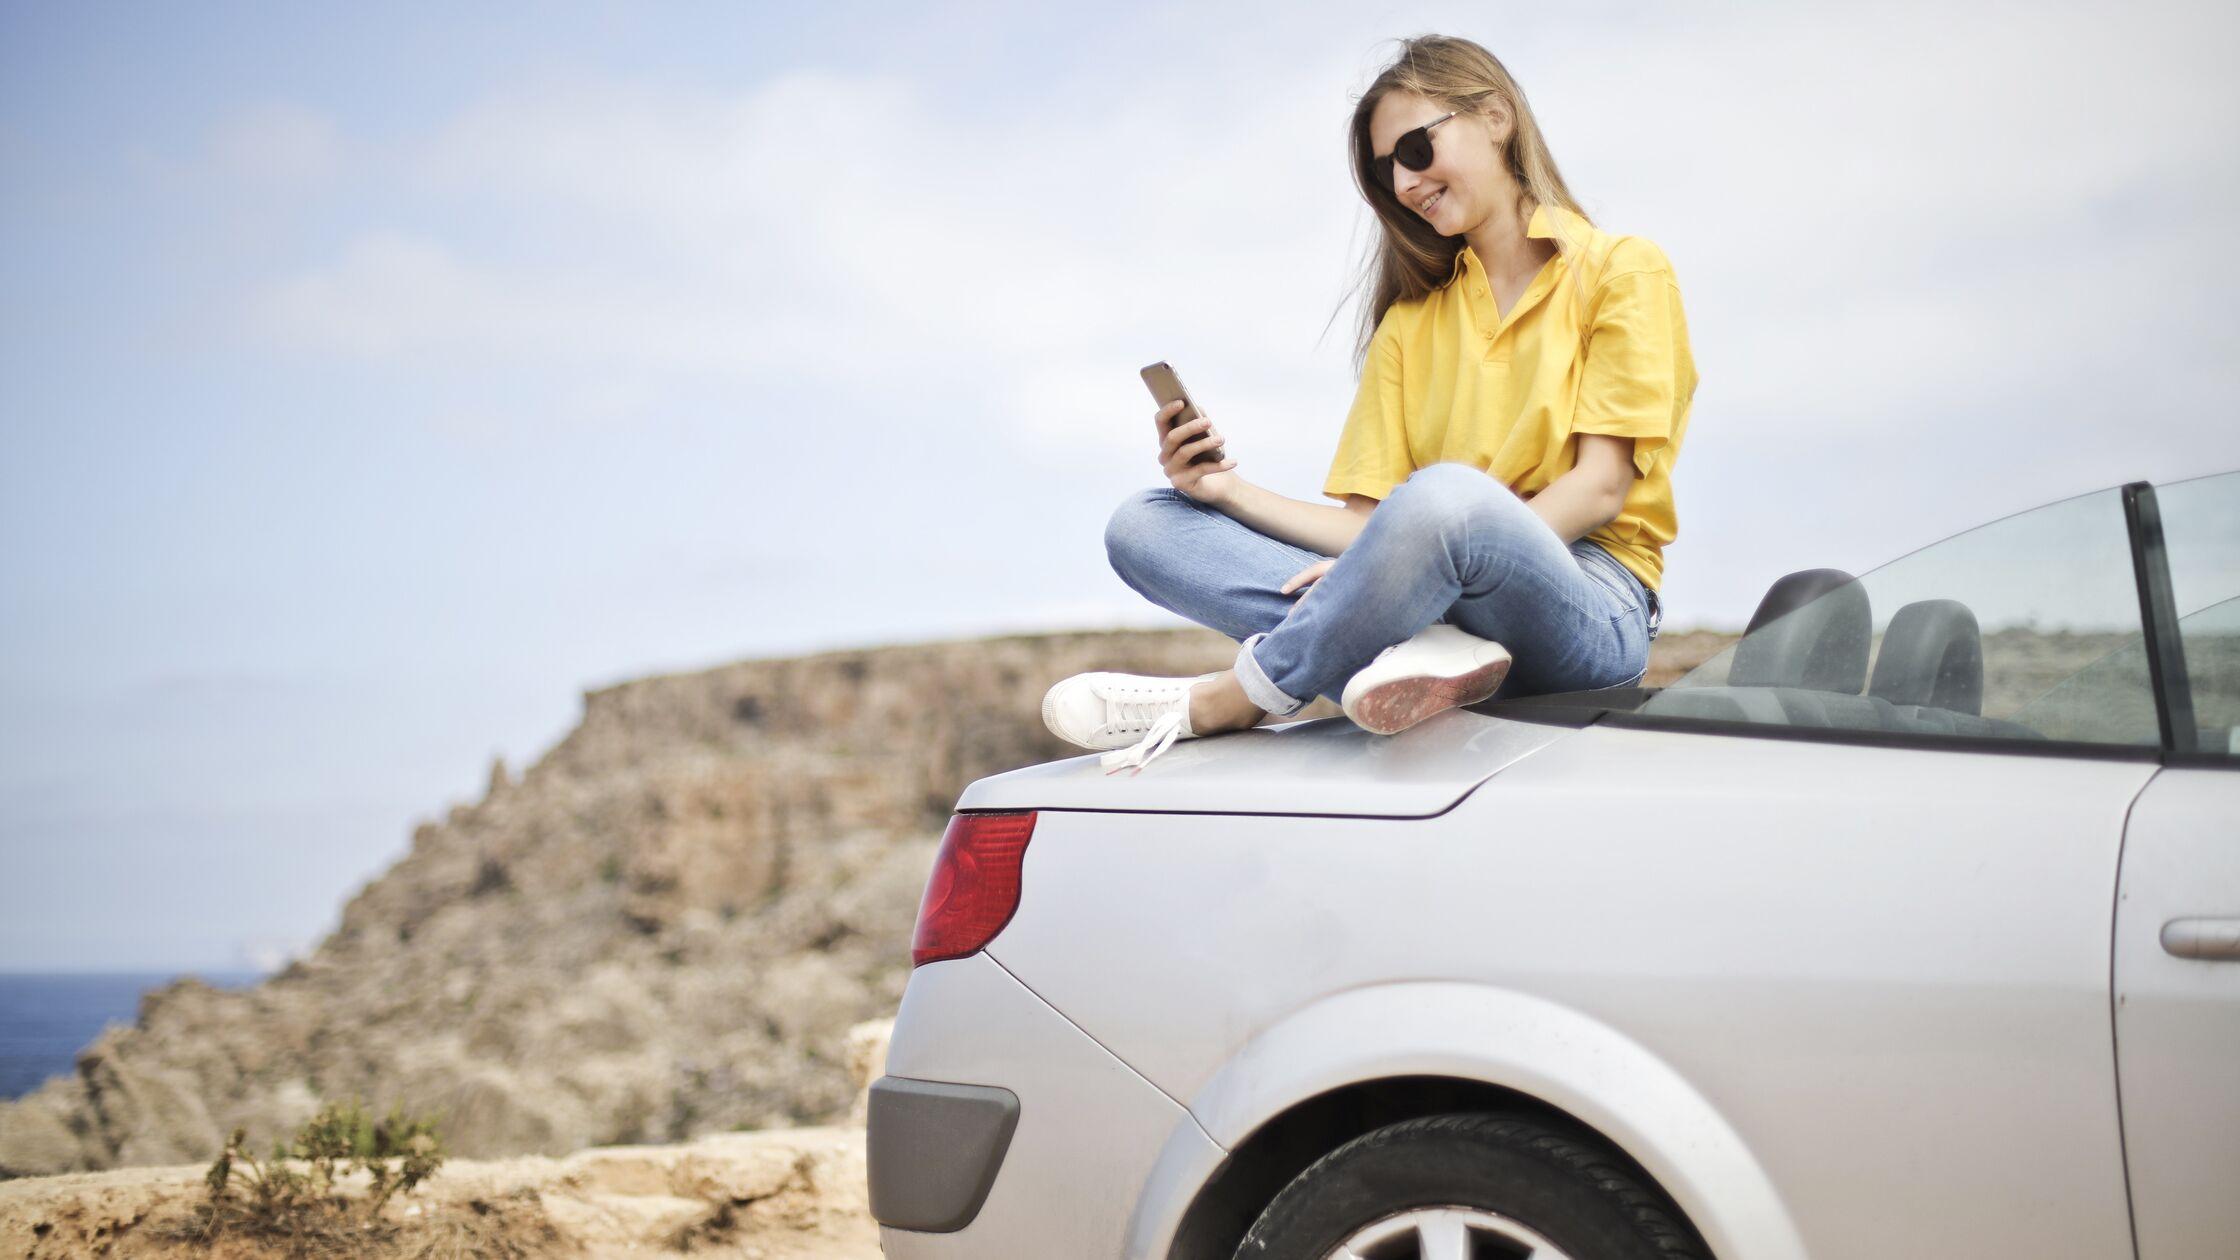 Junge Frau sitzt auf einem Auto und schaut aufs Handy